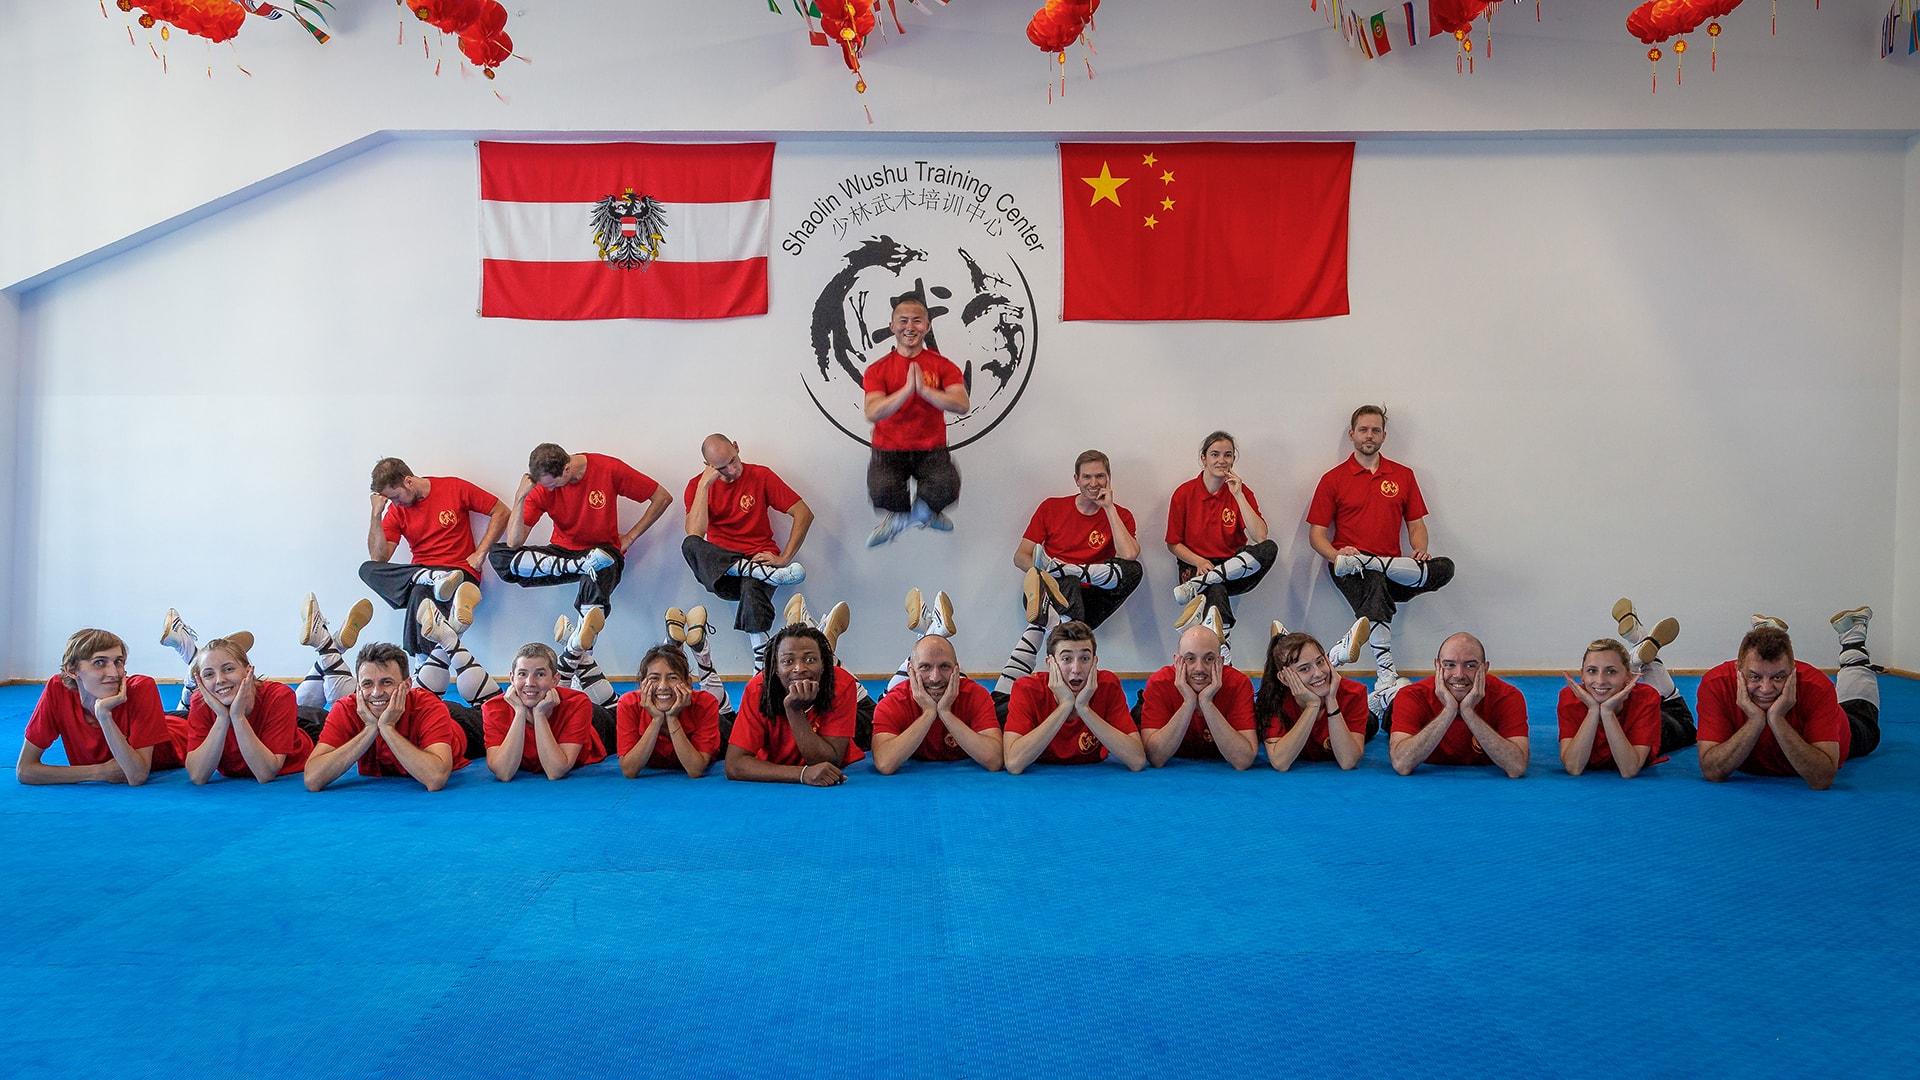 Shaolin-Wushu-Training-Center-Kung-Fu-in-Wien-27